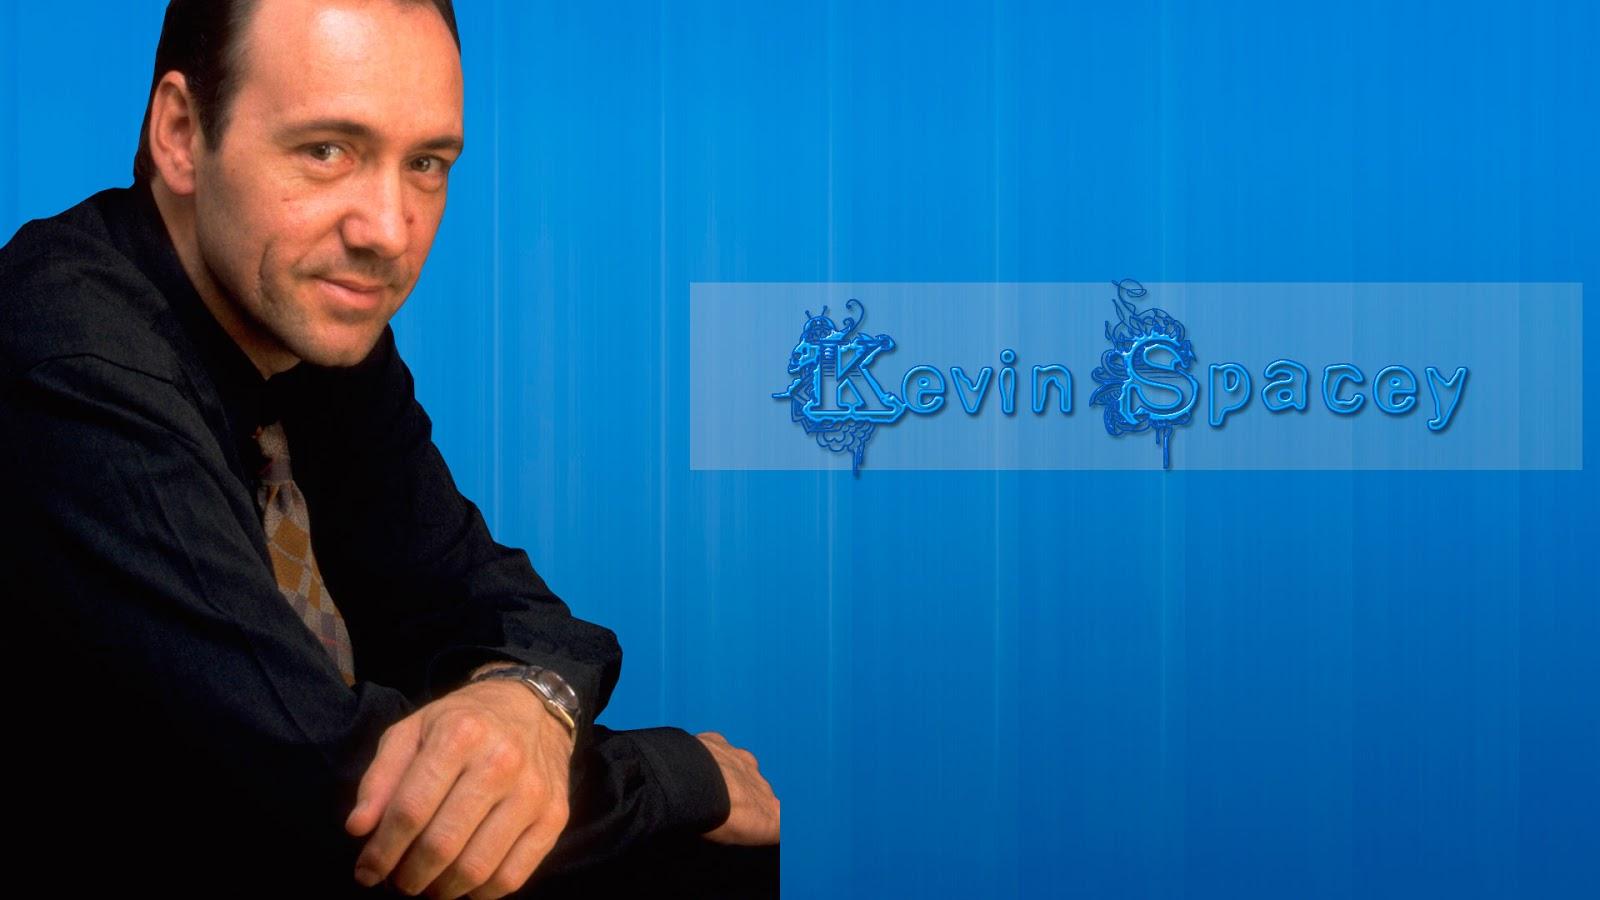 http://3.bp.blogspot.com/-IGJyiiSBI4s/UP4_dHjx7LI/AAAAAAAA8SA/fufSV4ySIk4/s1600/Kevin_Spacey_Photos.jpg